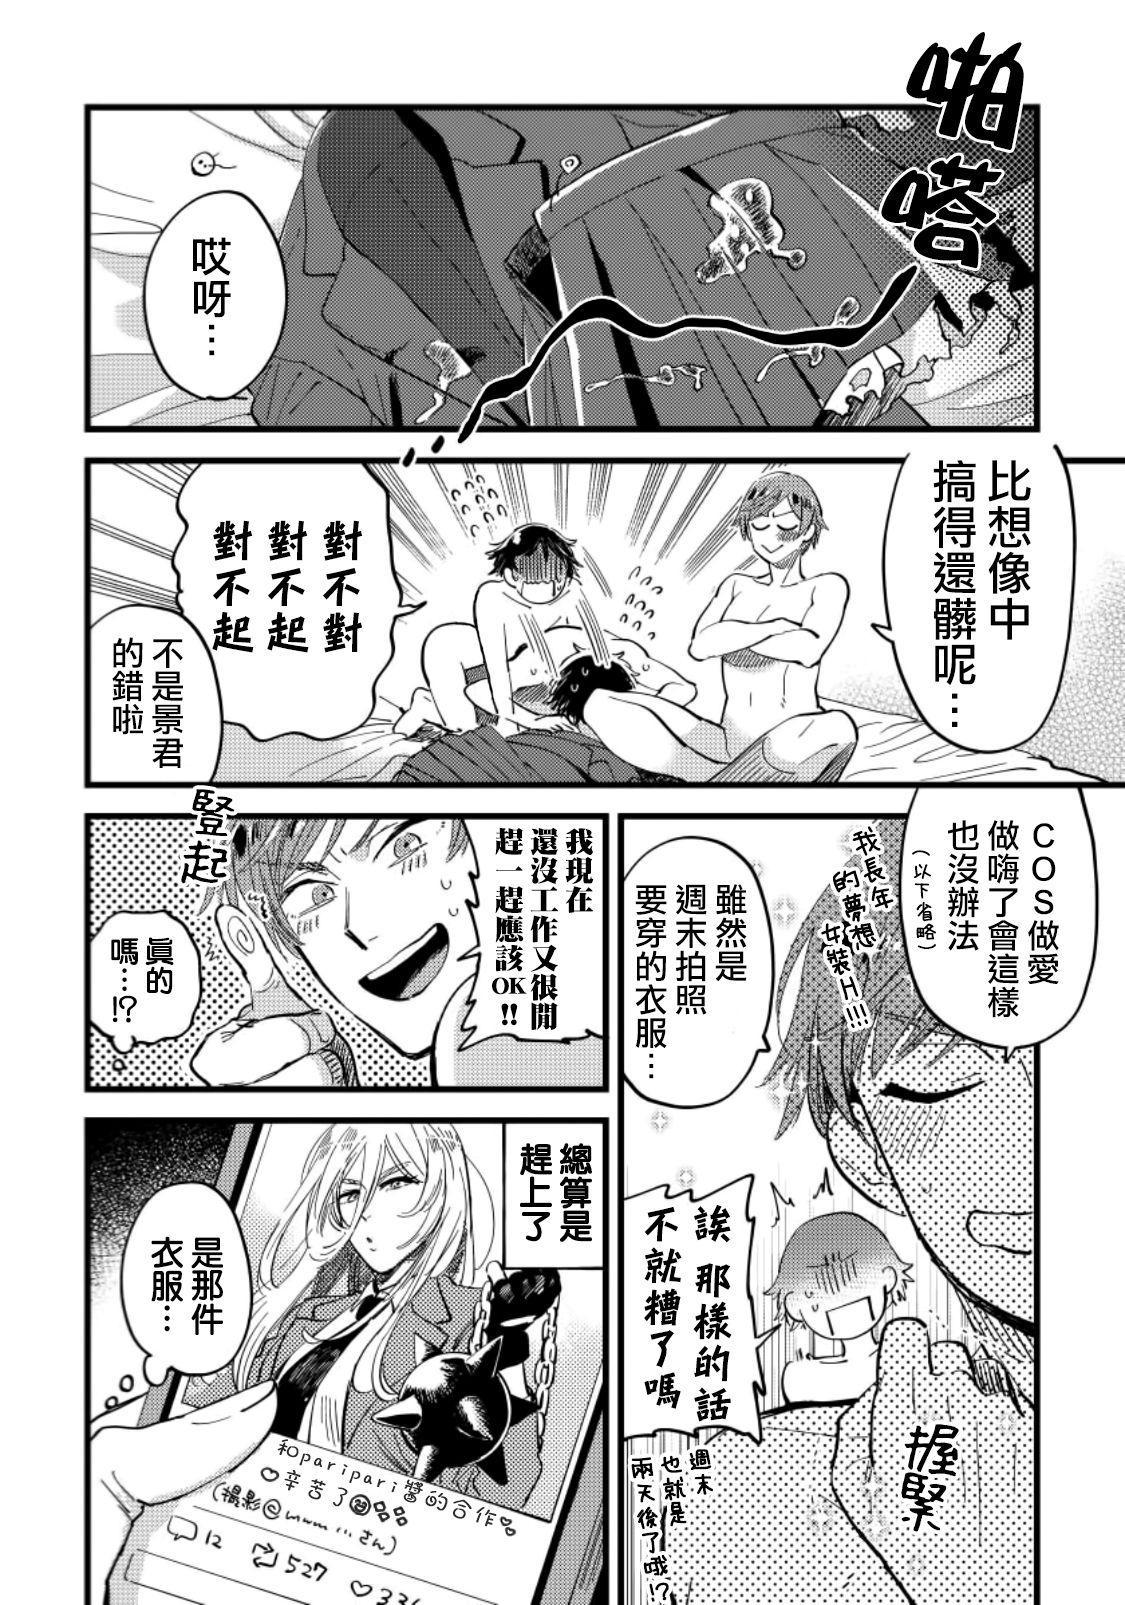 Josou Onii-san ga Nonke o Torotoro ni Naru made Kaihatsu Shitara 4 丨女裝大哥哥把直男黏糊糊的地方開發了的話 只靠後面高潮的樣子讓我看看吧 4 24